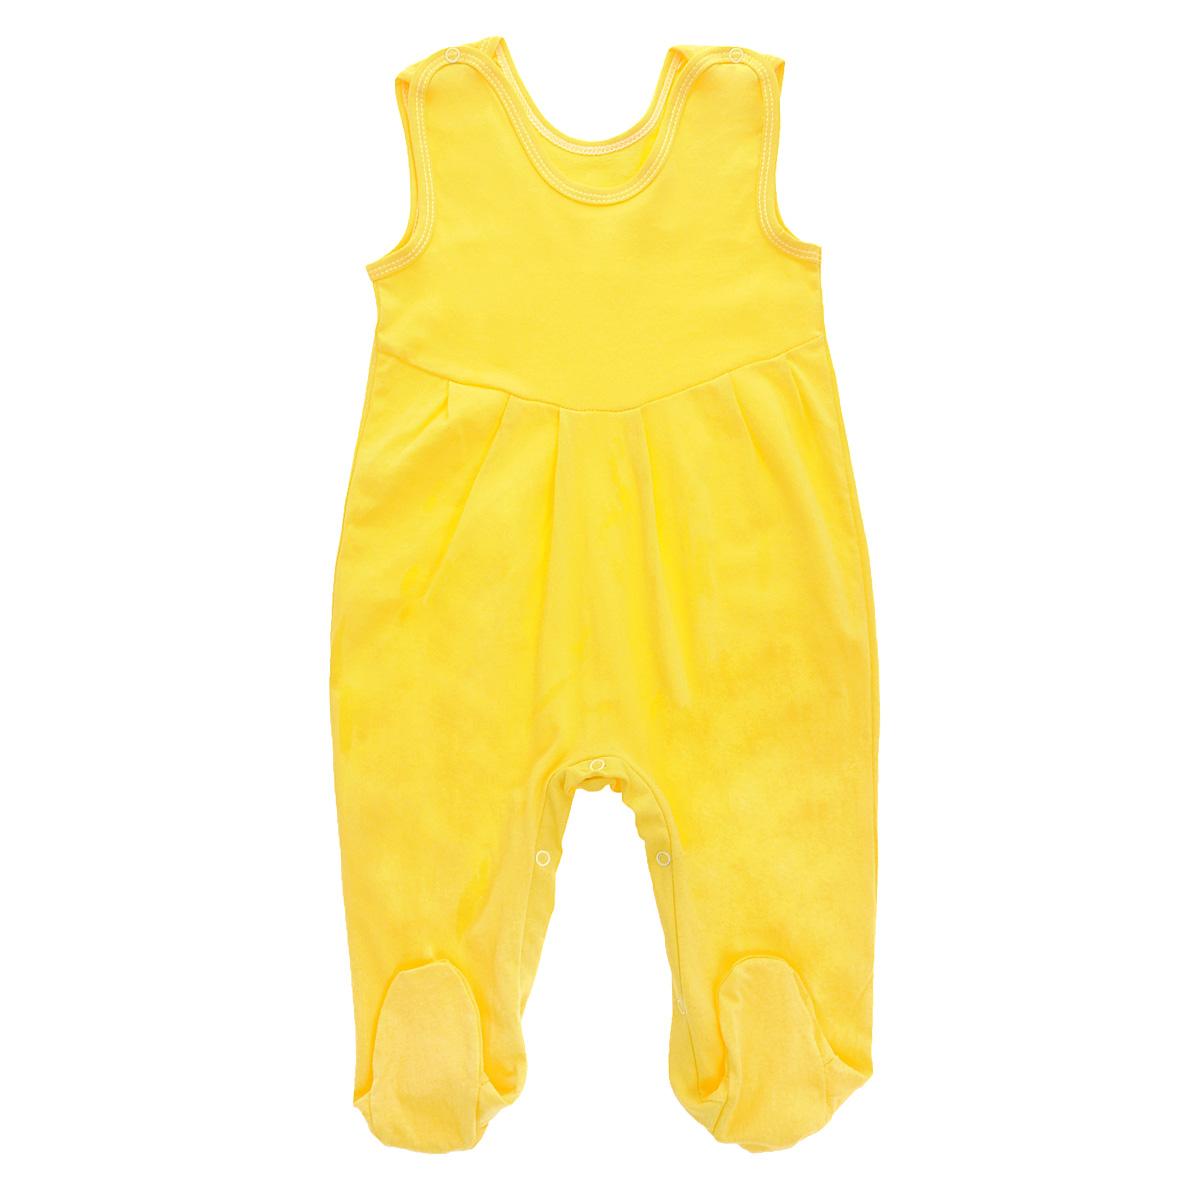 Ползунки с грудкой Трон-плюс, цвет: желтый. 5237. Размер 74, 9 месяцев5237Ползунки с грудкой Трон-плюс - очень удобный и практичный вид одежды для малышей. Они отлично сочетаются с футболками и кофточками. Ползунки выполнены из кулирного полотна - натурального хлопка, благодаря чему они необычайно мягкие и приятные на ощупь, не раздражают нежную кожу ребенка и хорошо вентилируются, а эластичные швы приятны телу младенца и не препятствуют его движениям. Ползунки с закрытыми ножками, застегивающиеся сверху на кнопки, идеально подойдут вашему ребенку, обеспечивая ему наибольший комфорт, подходят для ношения с подгузником и без него. Кнопки на ластовице помогают легко и без труда поменять подгузник в течение дня. От линии груди заложены складочки, придающие изделию оригинальность.Ползунки с грудкой полностью соответствуют особенностям жизни младенца в ранний период, не стесняя и не ограничивая его в движениях!